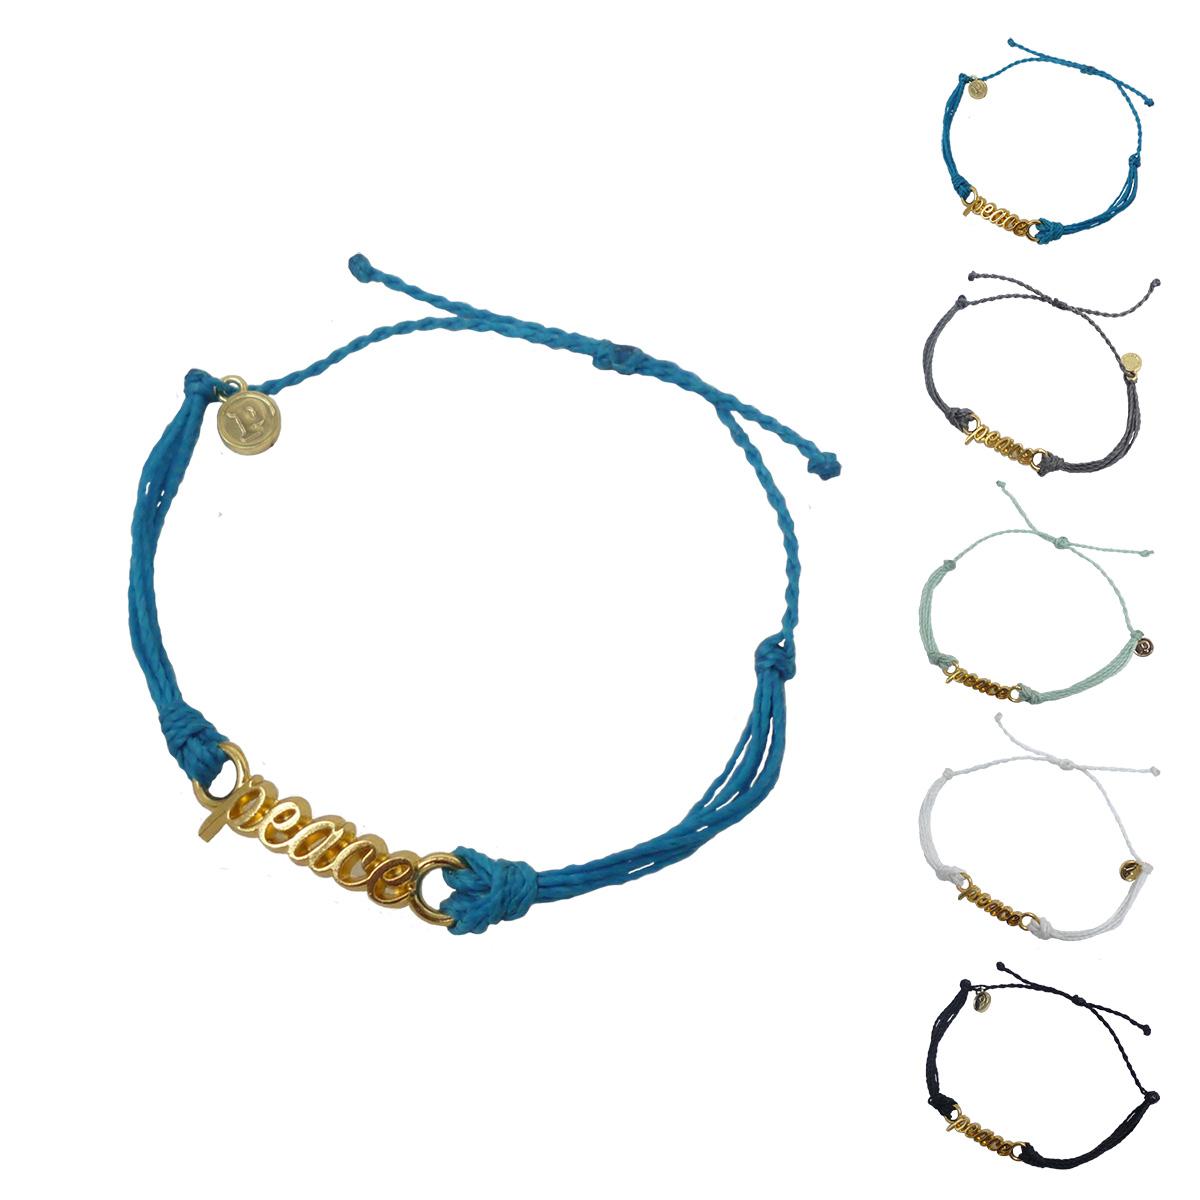 画像1: 【セール 80%OFF】puravida bracelets プラヴィダブレスレット GOLD WORD PEACE 全5色 レディース/メンズ (1)